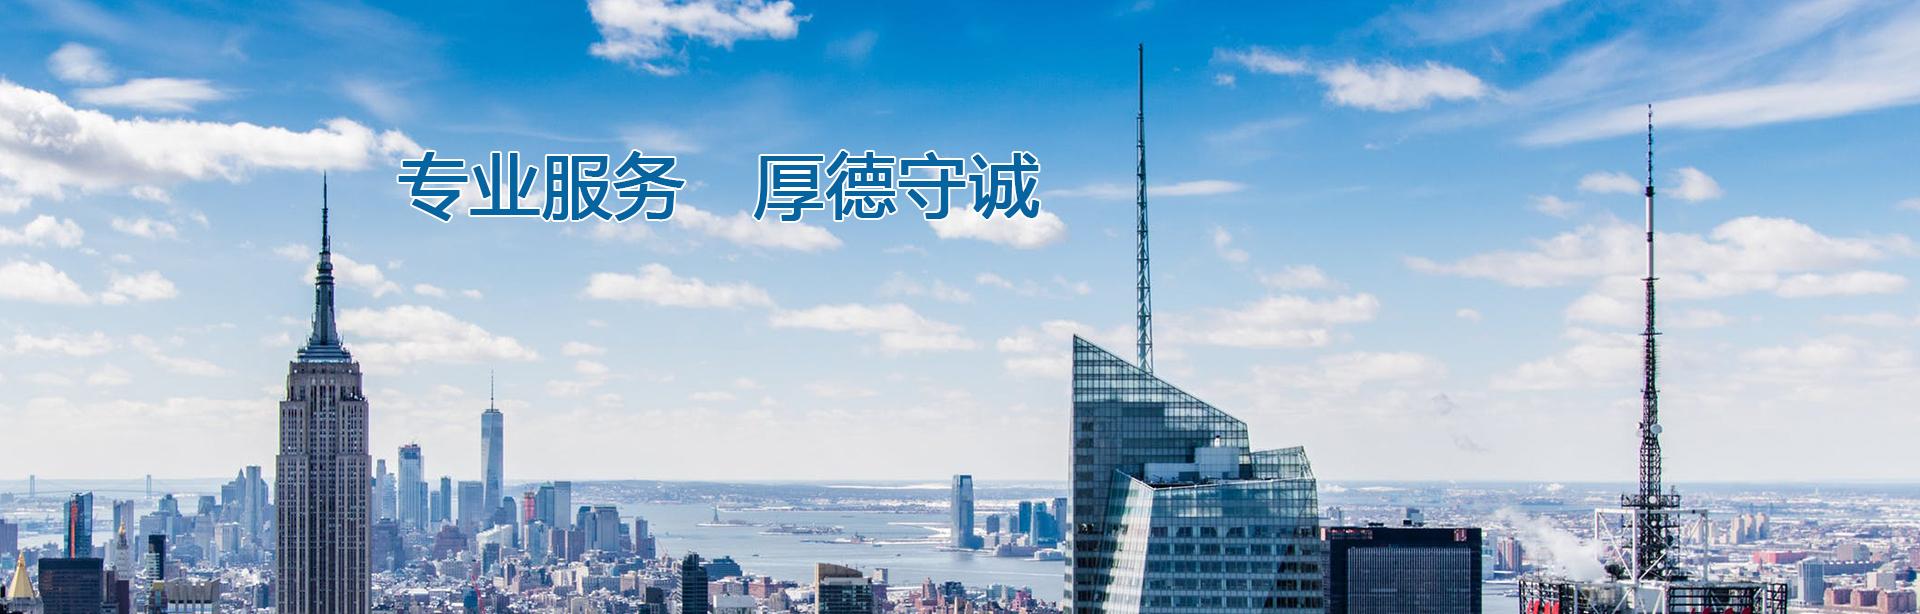 惠州广诚园洲会计服务有限公司